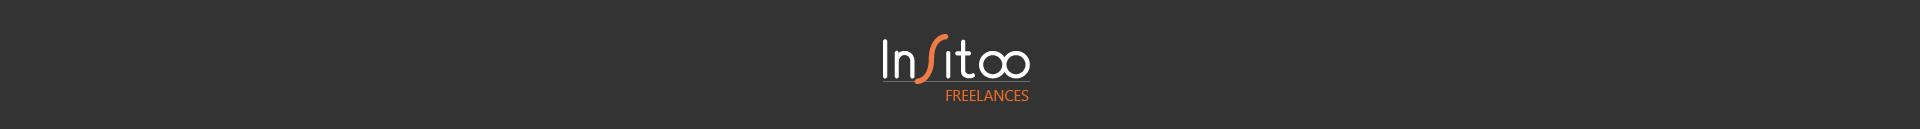 Insitoo Freelances, Dénicheur de Talents Informatique Freelance depuis 2007.